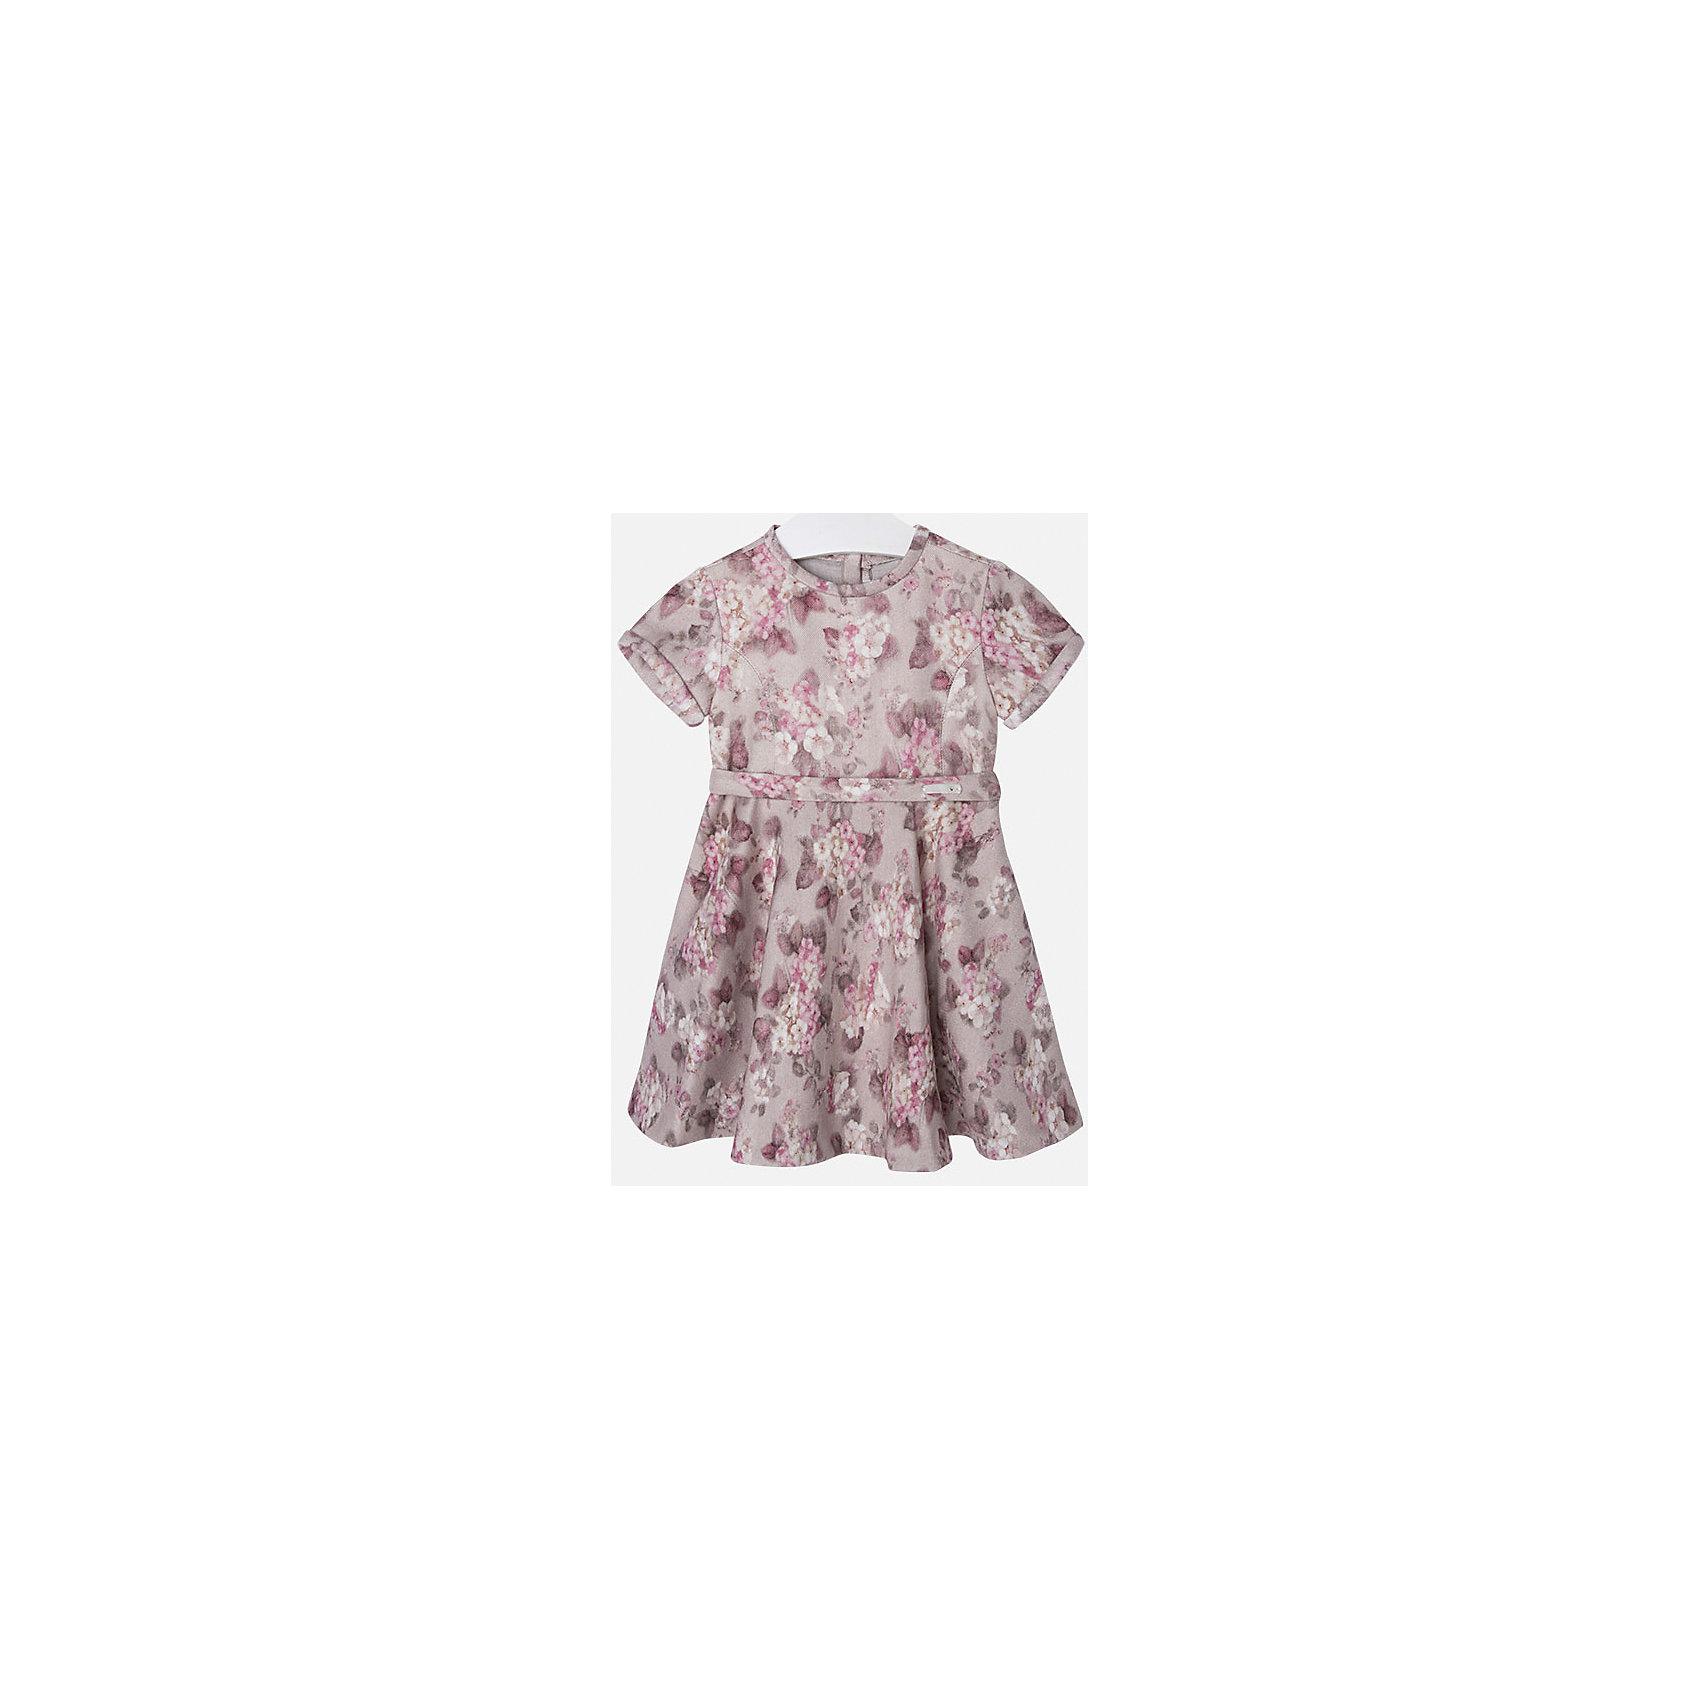 Платье для девочки MayoralОдежда<br>Нарядное платье торговой марки Mayoral в цветочек отлично подойдет для любого торжества. Выполнено из мягкой ткани, приятной на ощупь. Платье с коротким рукавом, пышной юбкой и приталенным пояском. Сзади застегивается на молнию.<br><br>Дополнительная информация: <br><br>- цвет: темно-серый<br>- состав: 68 % вискоза, 30 % полиэстер, 2 % эластана<br>- вырез горловины: округлый<br>- длина рукава: короткий<br>- вид застежки:  застежка сзади<br>- покрой: прямой<br>- фактура материала: трикотажный<br>- тип карманов: без карманов<br>- уход за вещами: бережная стирка при 30 градусах<br>- назначение: повседневная<br>- конструктивные элементы: без разреза<br>- пол: девочки<br>- страна бренда: Испания<br>- страна производитель: Китай<br>- комплектация: платье<br><br>Платье для девочки торговой марки Mayoral можно купить в нашем интернет-магазине.<br><br>Ширина мм: 236<br>Глубина мм: 16<br>Высота мм: 184<br>Вес г: 177<br>Цвет: серый<br>Возраст от месяцев: 48<br>Возраст до месяцев: 60<br>Пол: Женский<br>Возраст: Детский<br>Размер: 110,128,104,134,98,122,116<br>SKU: 4844485